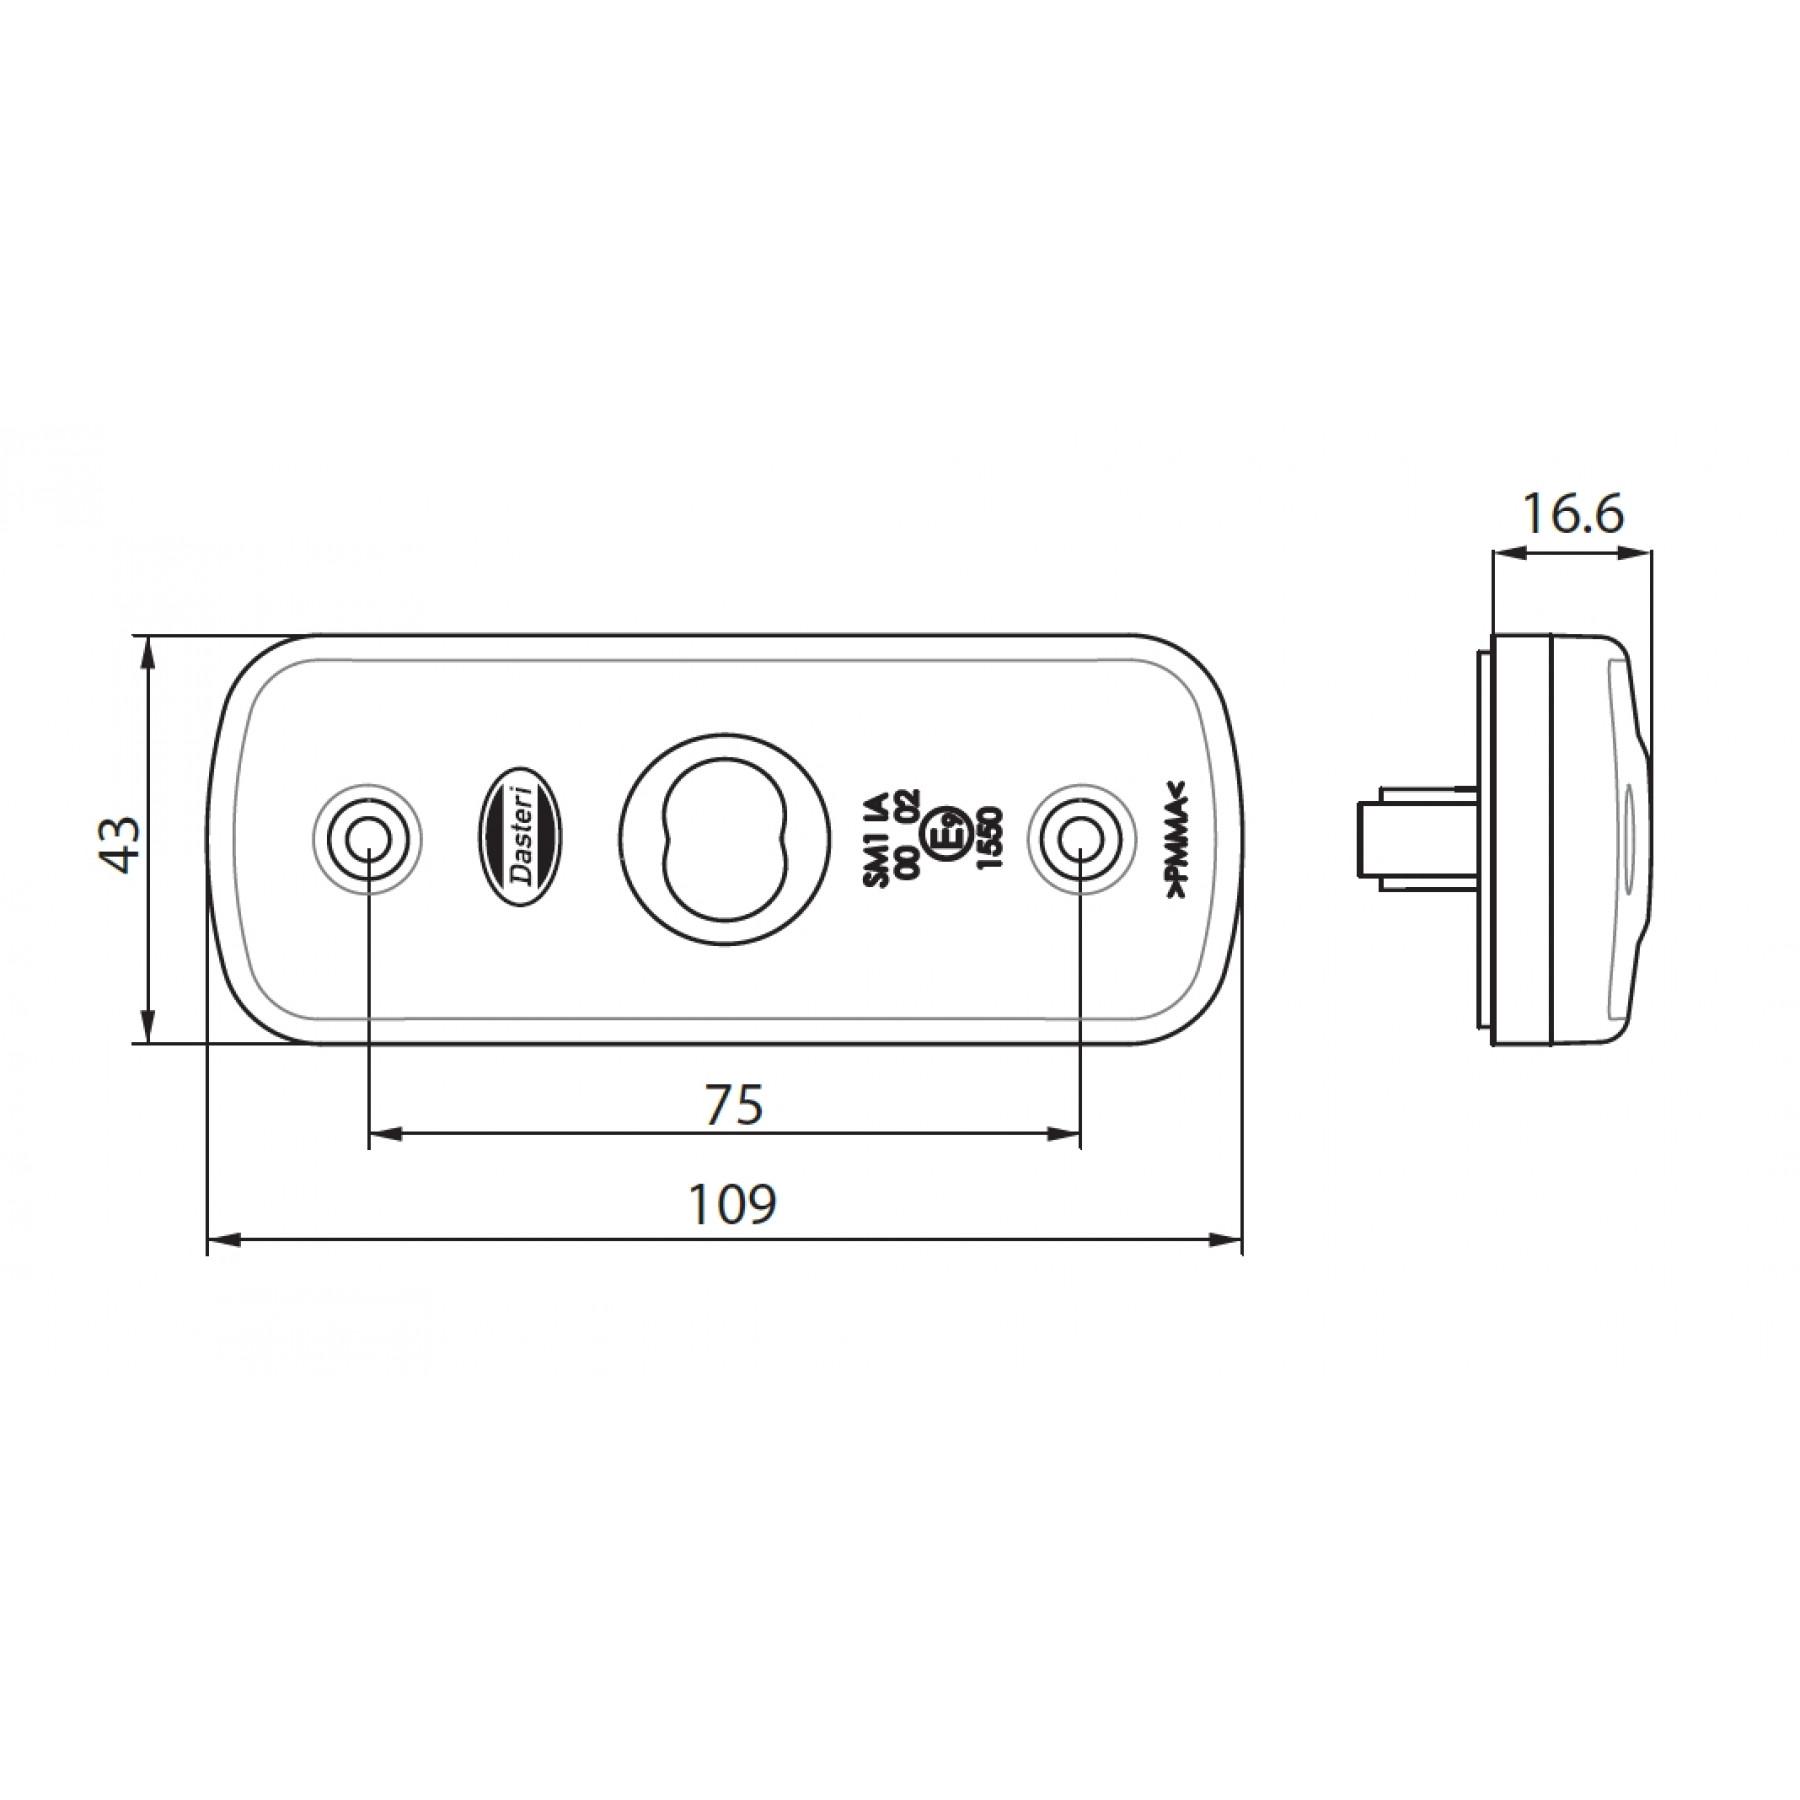 Markeringslamp LED 109x43mm wit 12/24v 1 led